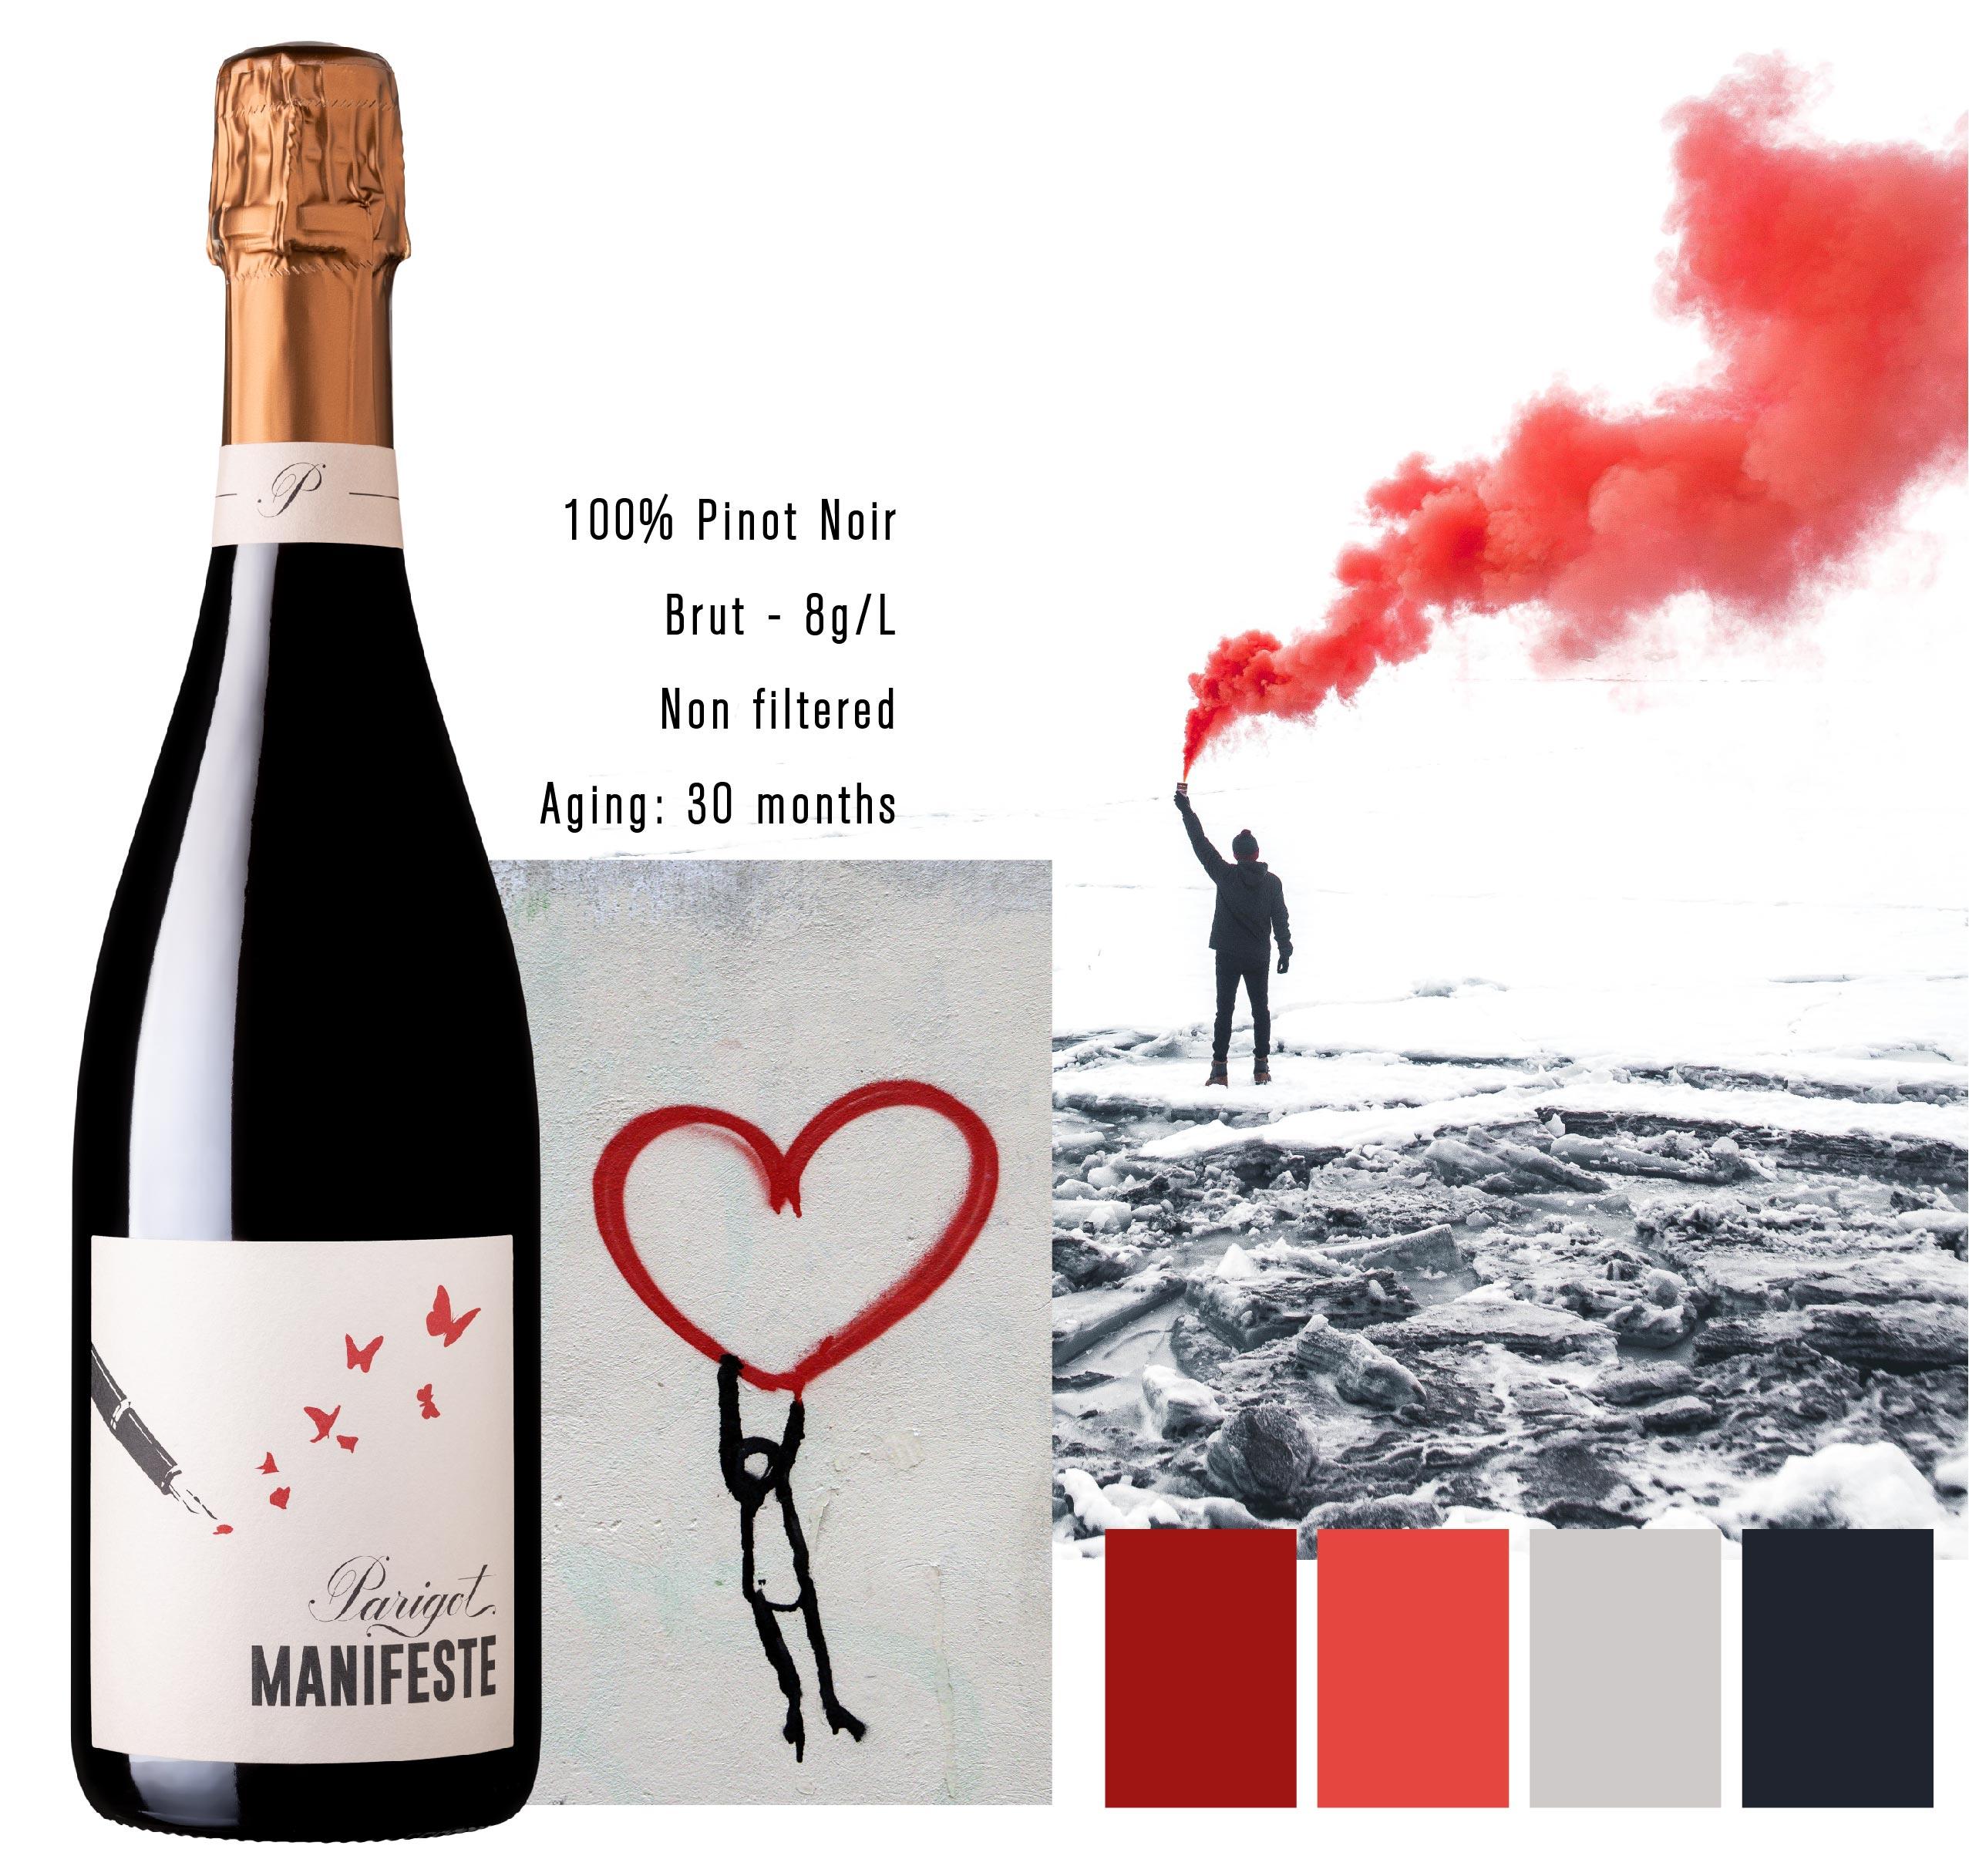 Parigot Manifest Bourgogne Mousseux Rouge